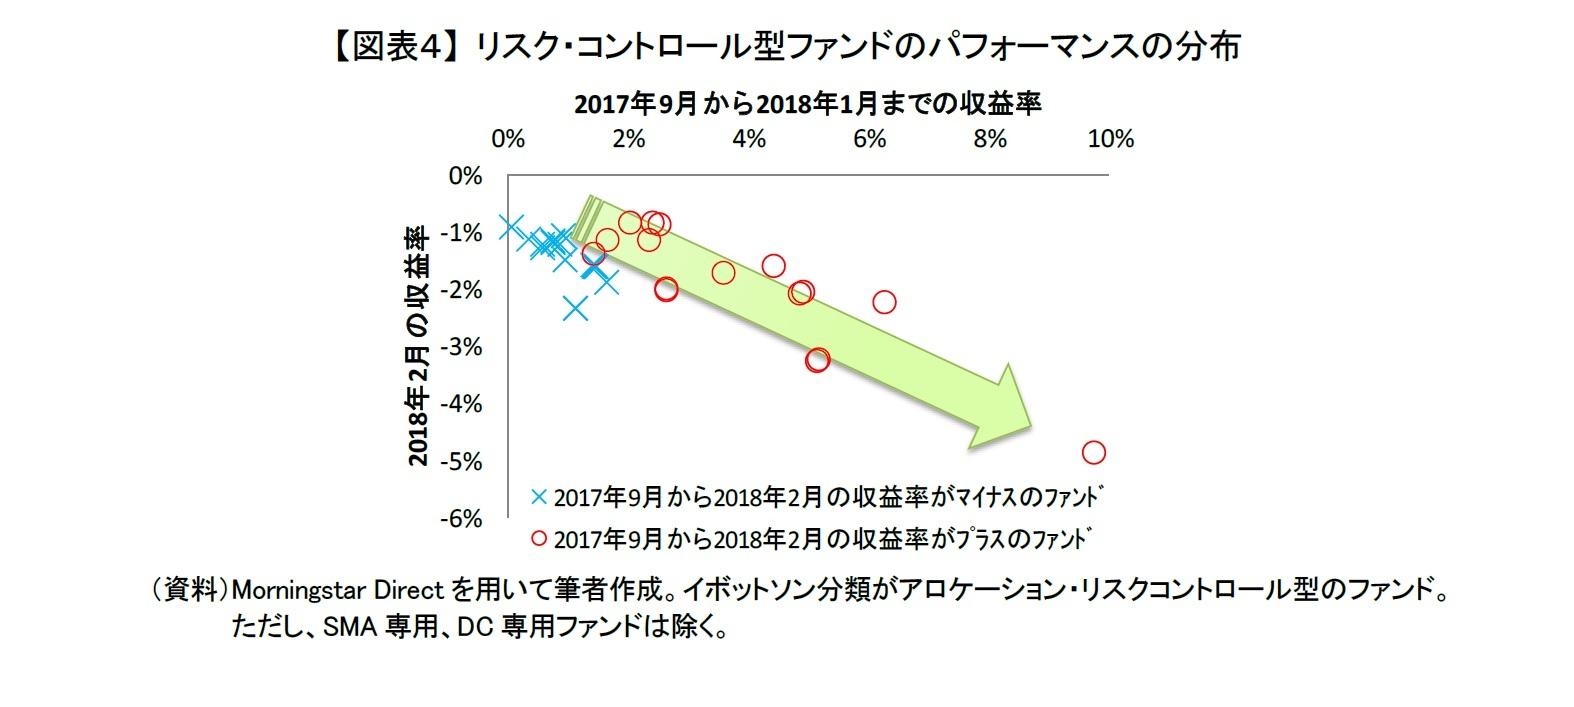 【図表4】 リスク・コントロール型ファンドのパフォーマンスの分布